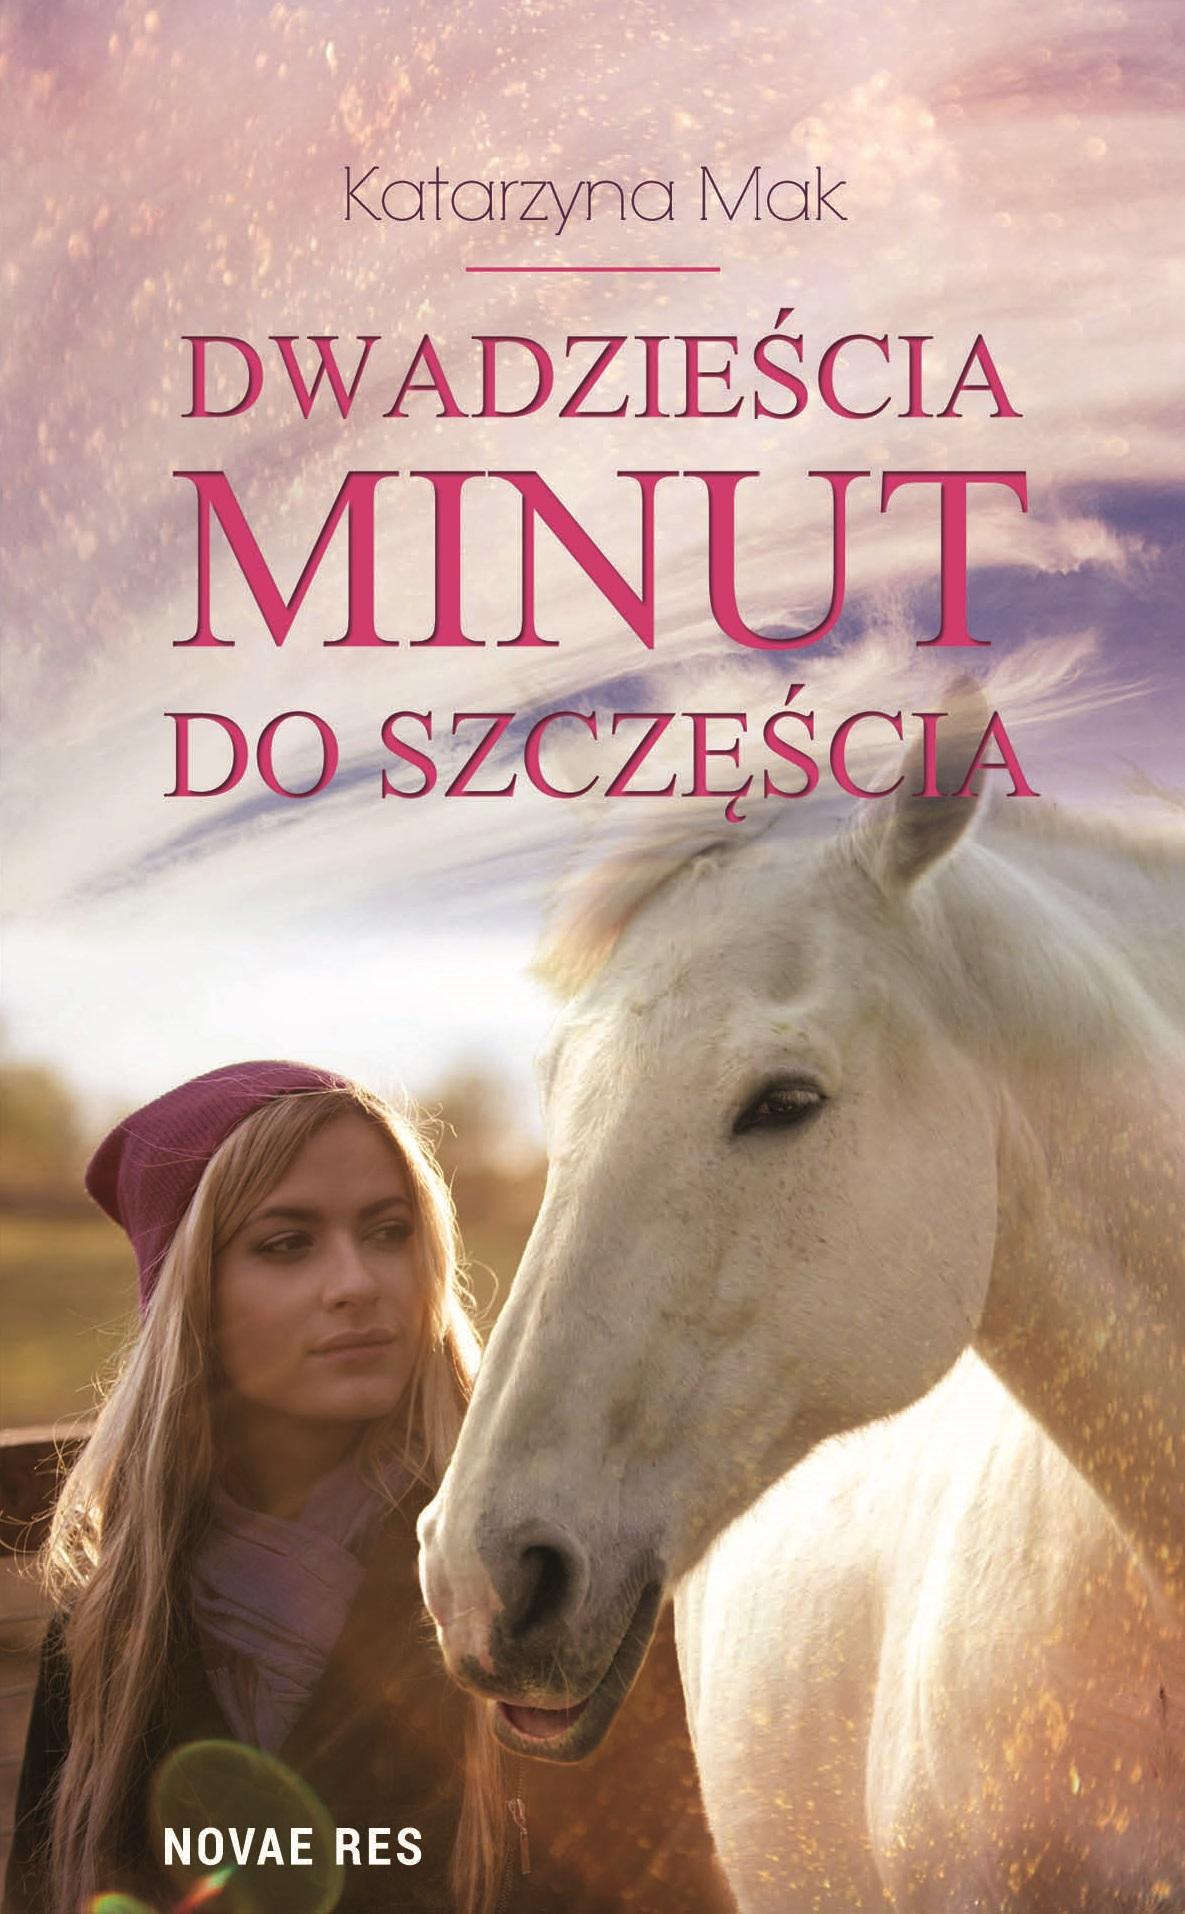 dwadziescia_minut